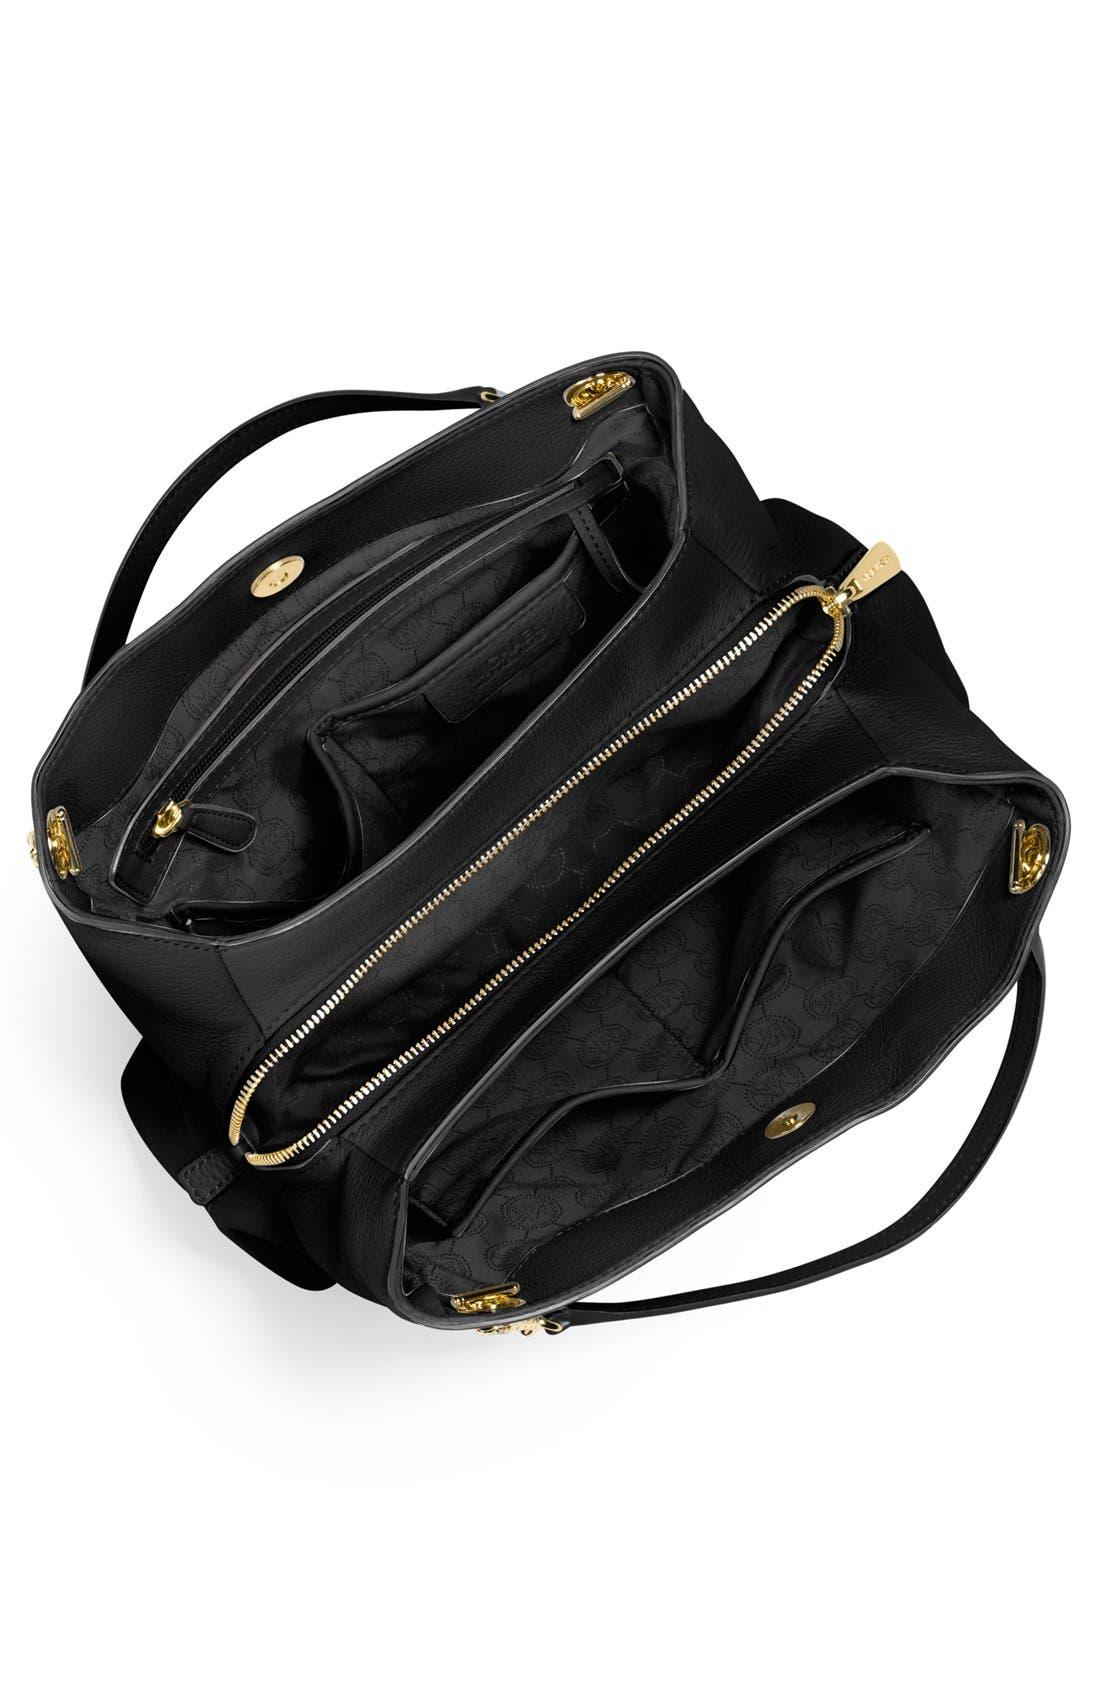 MICHAEL MICHAEL KORS,                             'Jet Set' Chain Leather Shoulder Bag,                             Alternate thumbnail 2, color,                             001